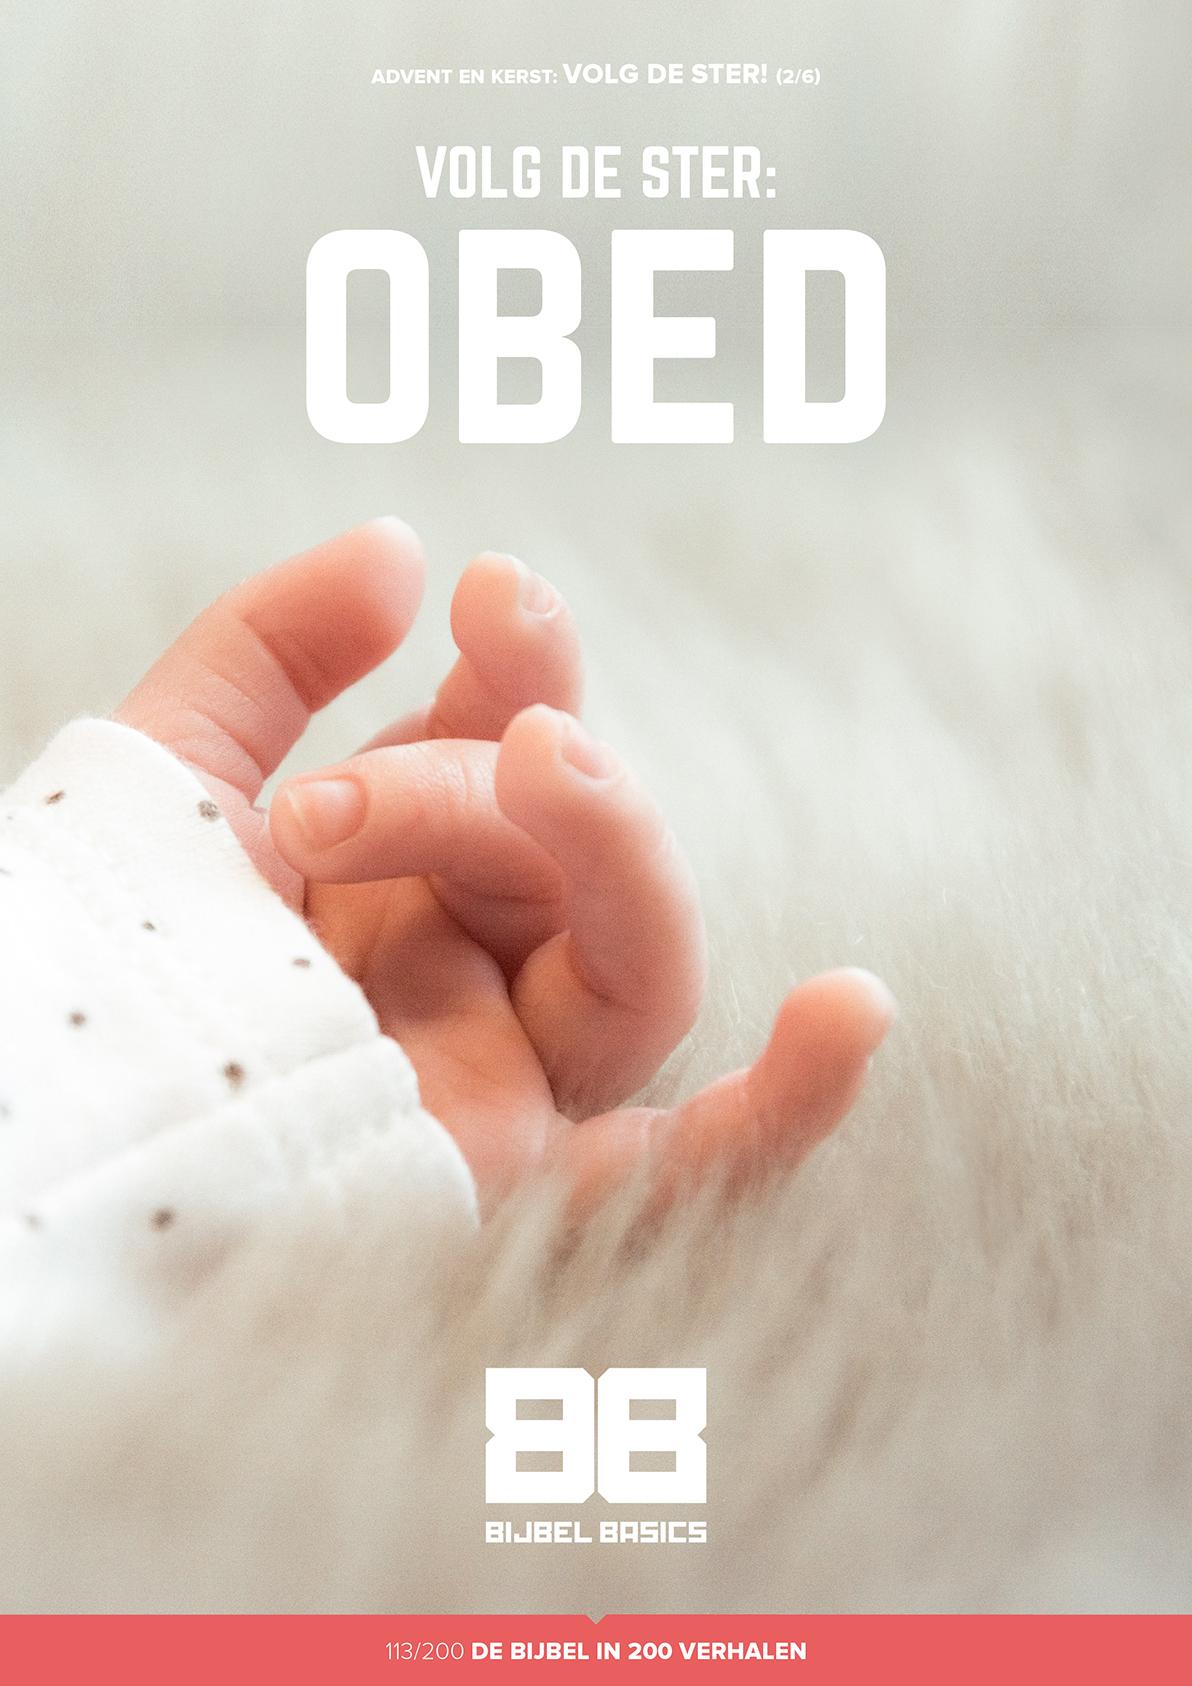 Volg de ster – Obed